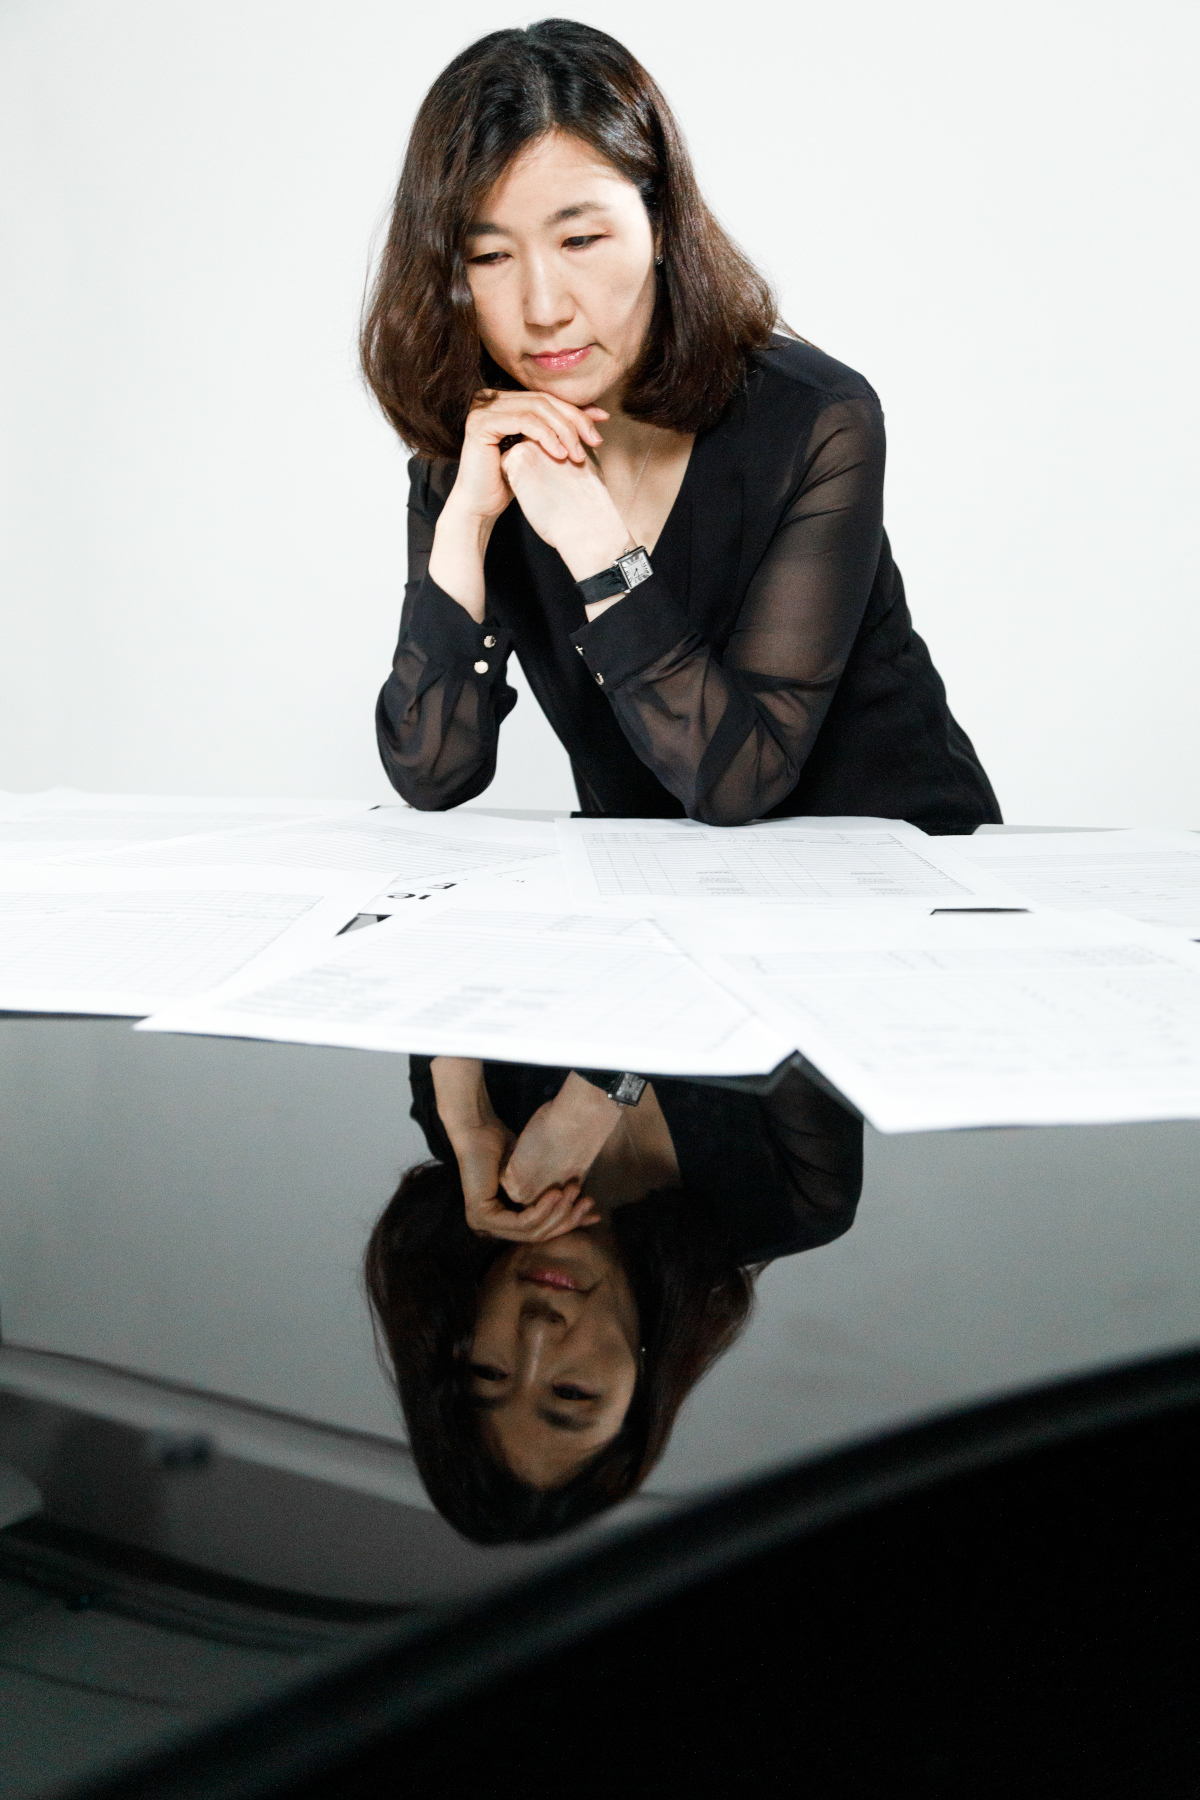 Misook Kim at the piano